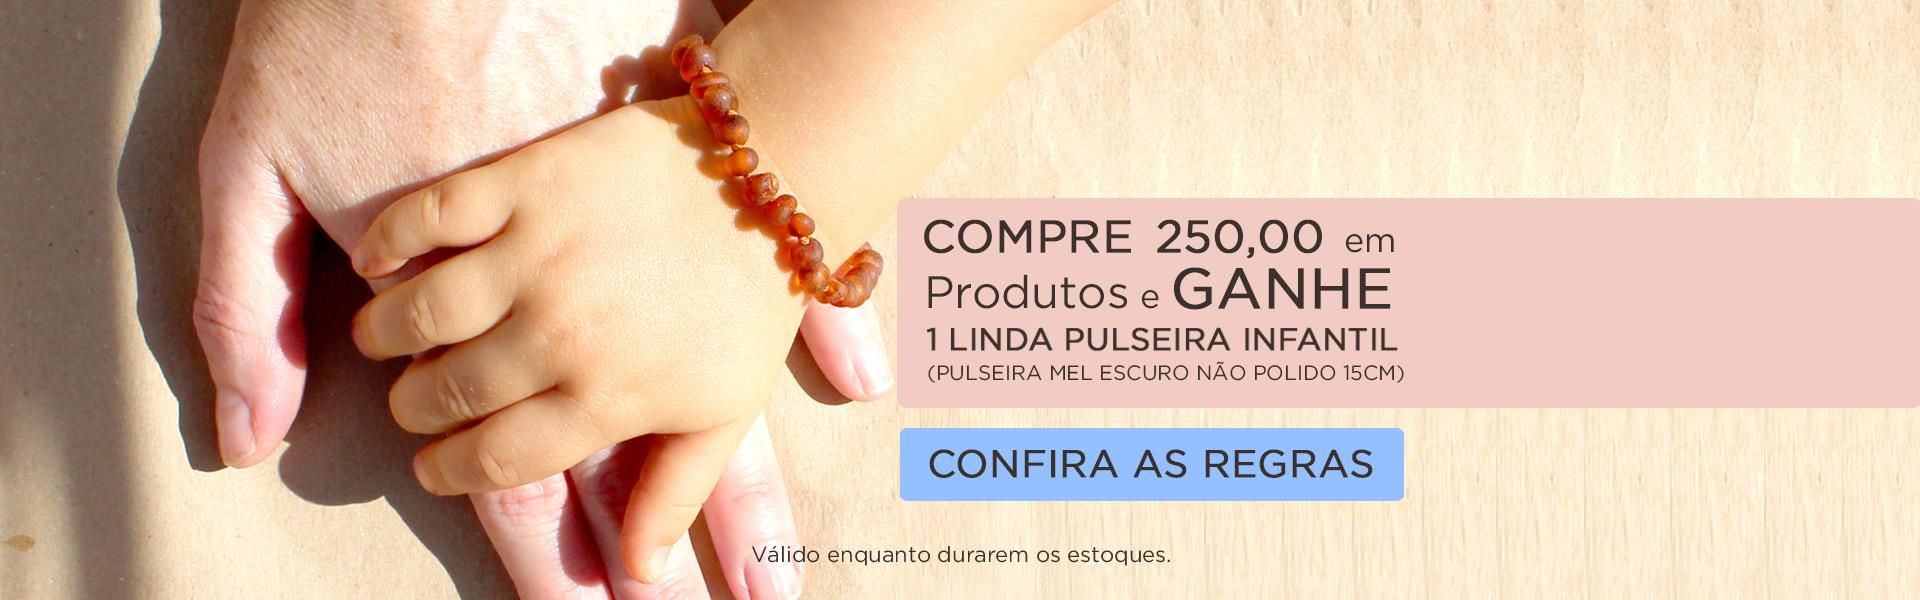 Compre R$ 250,00 ganhe uma pulseira